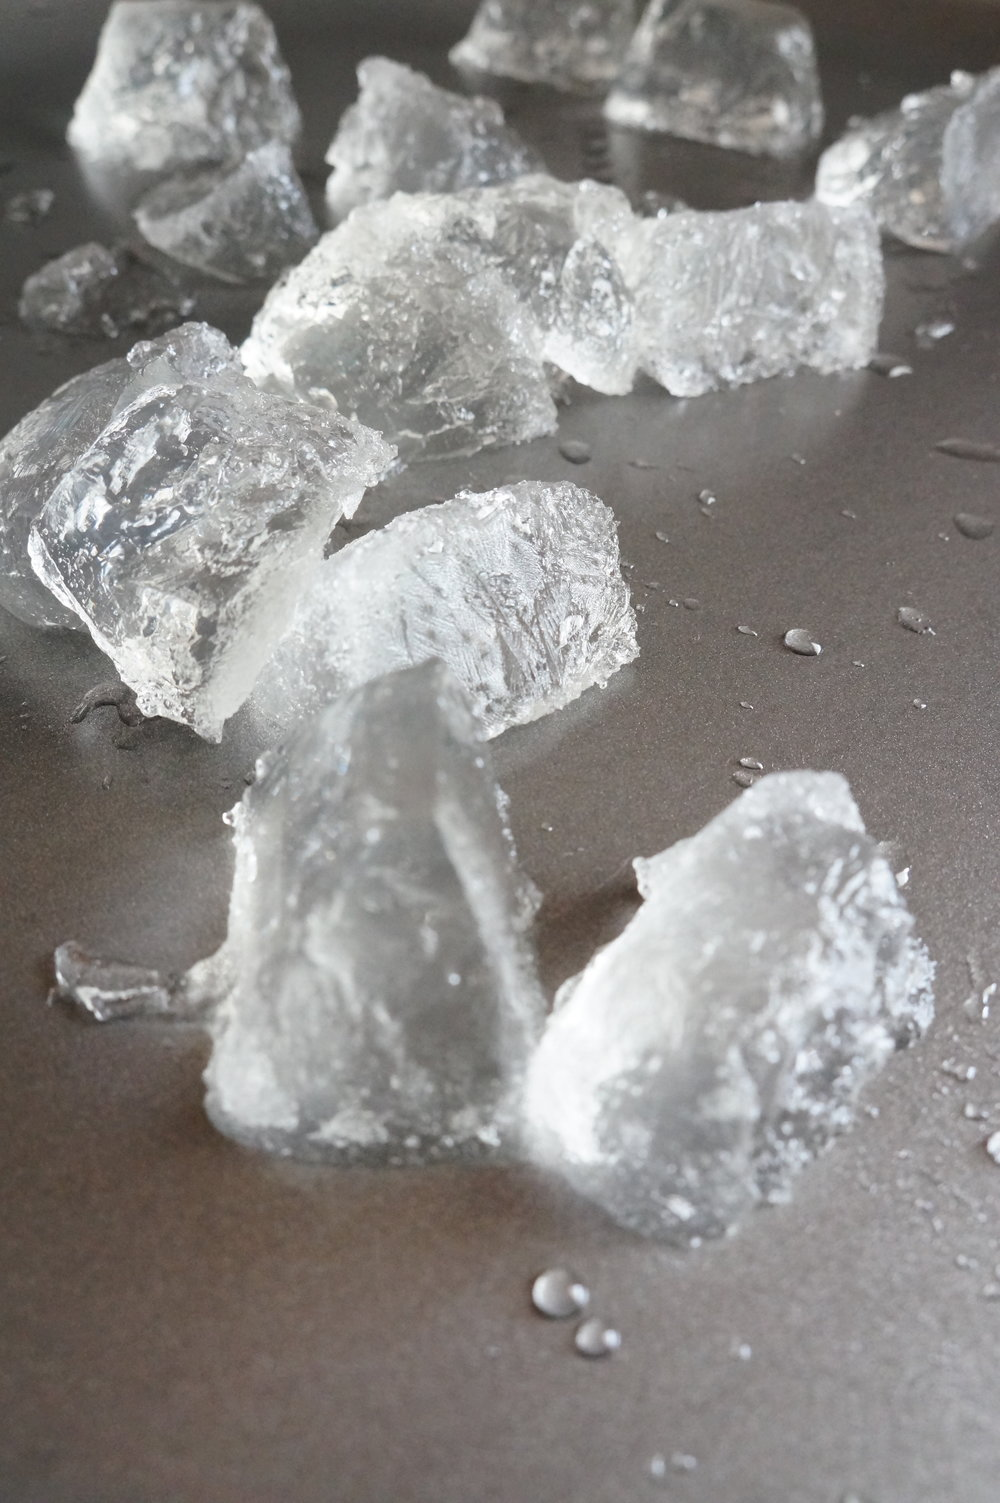 diy fake ice, jello ice, flavored clear jello